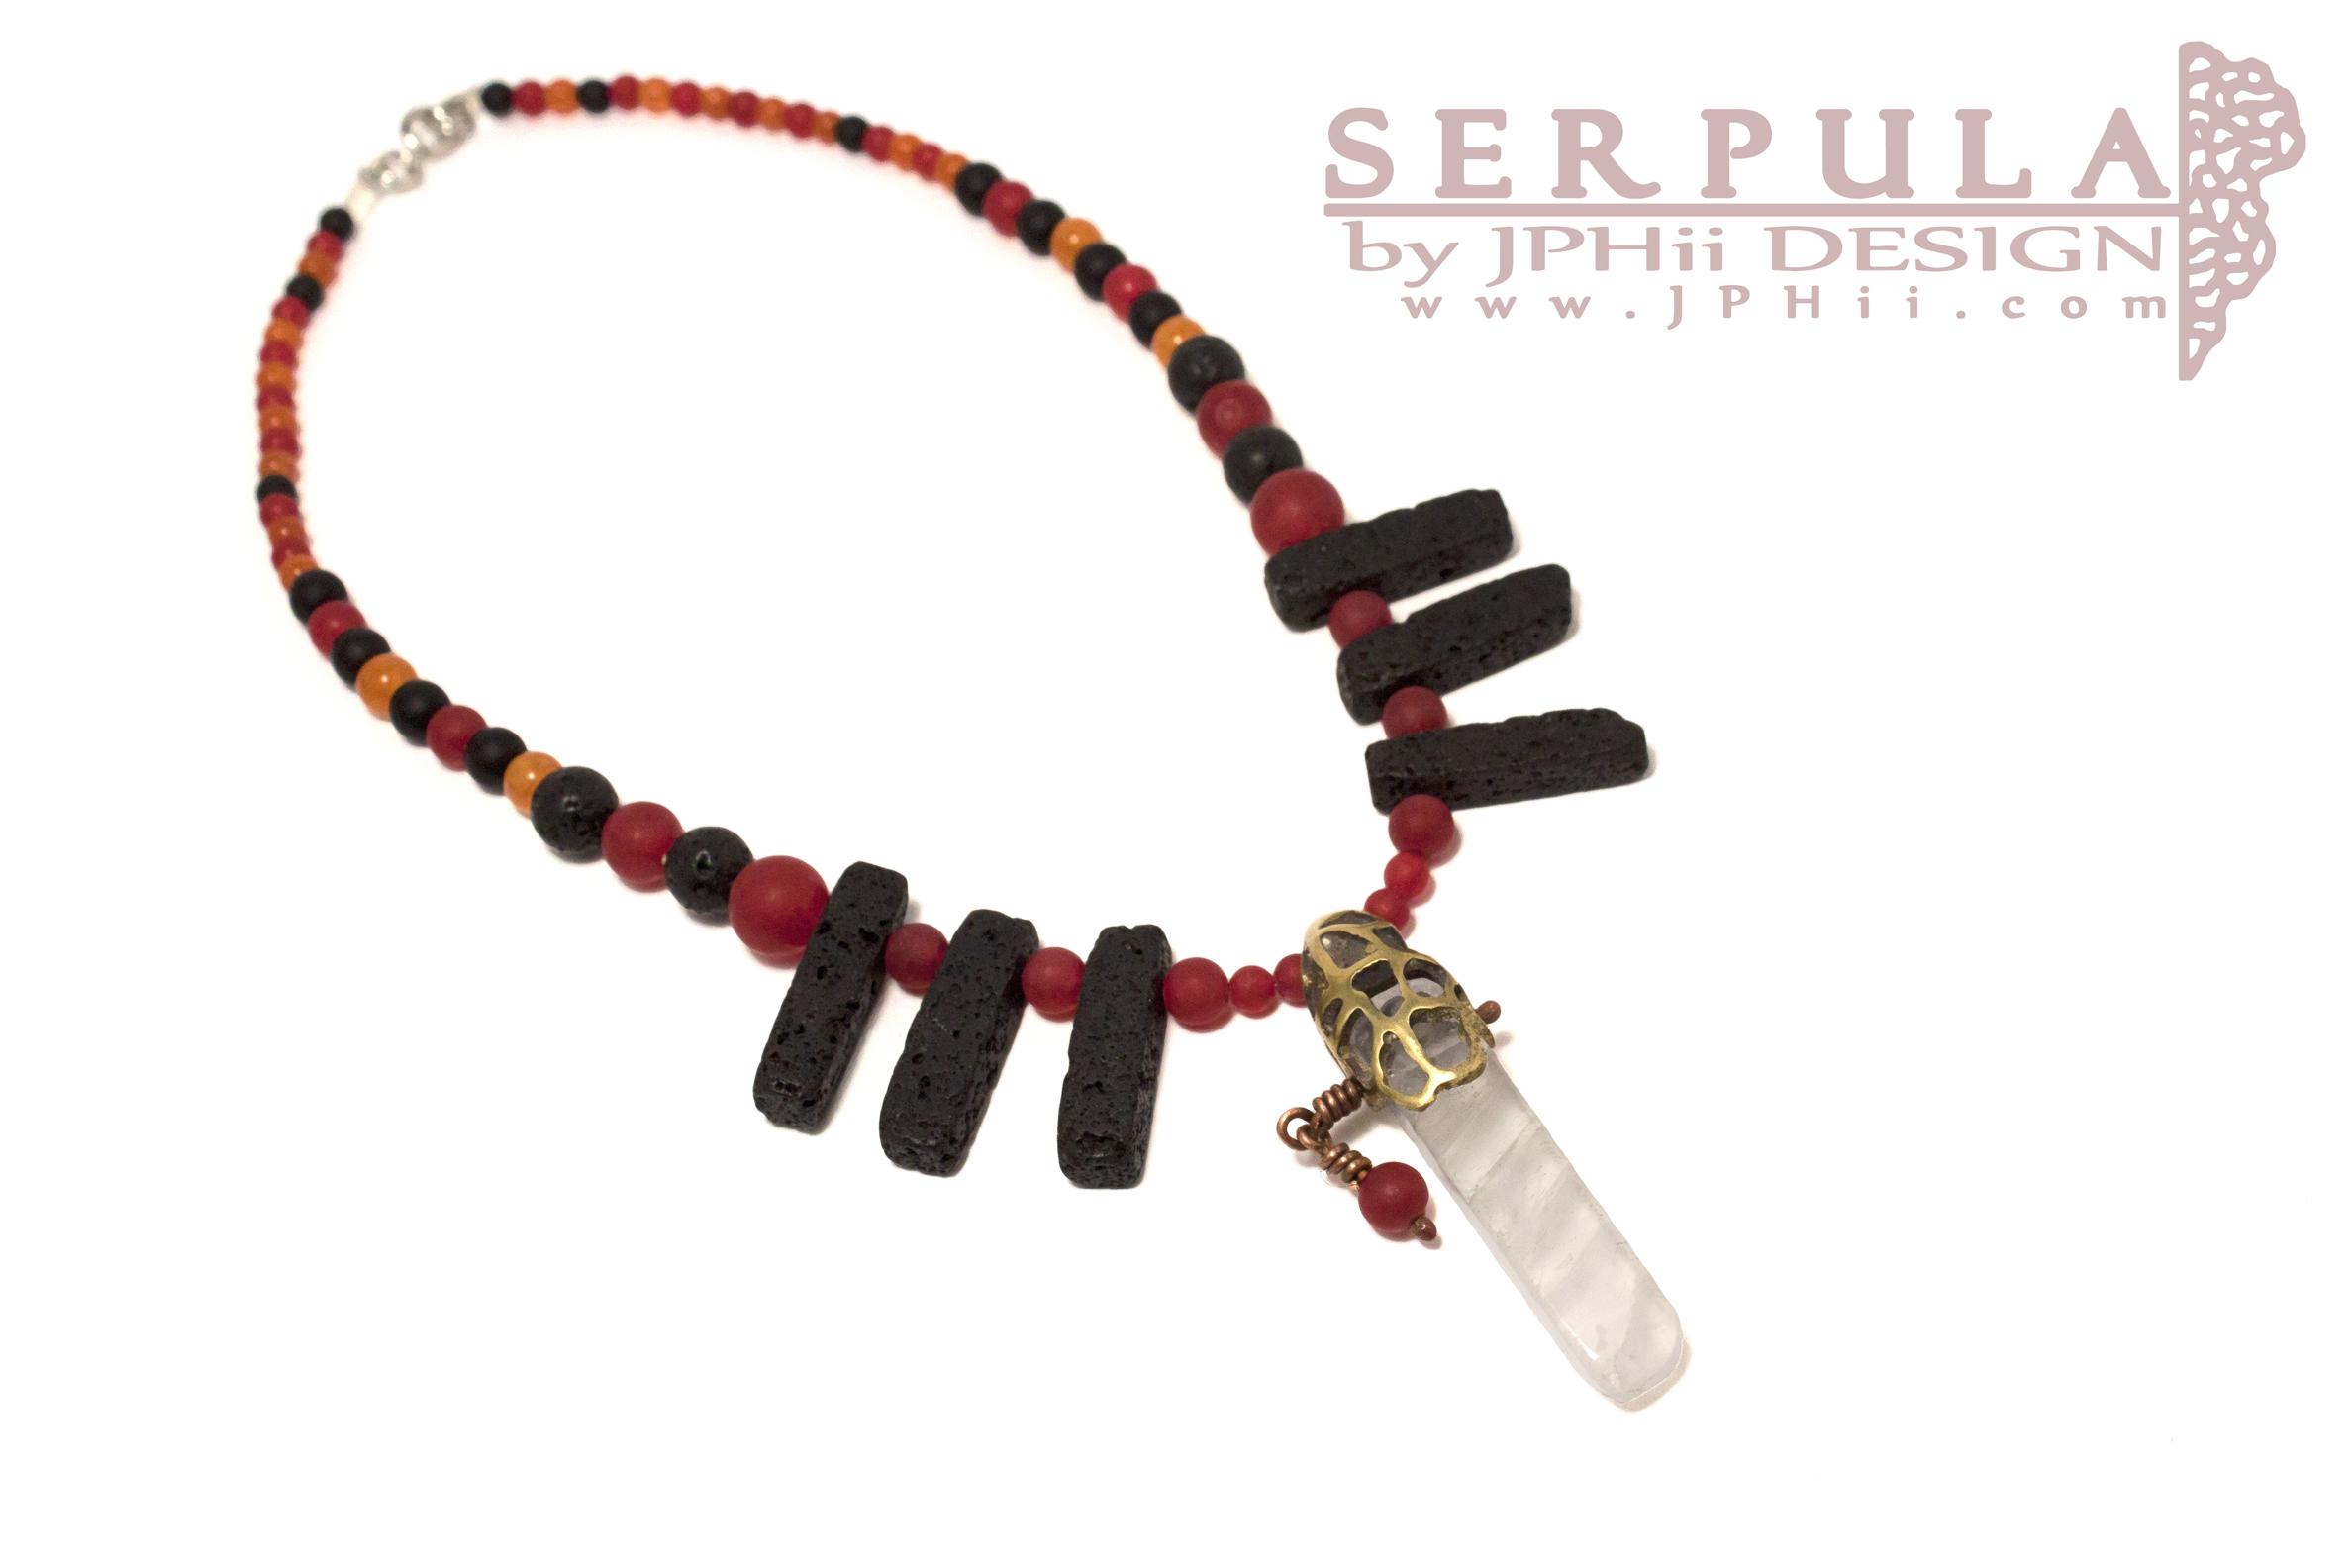 Red Quartz Serpula Necklace